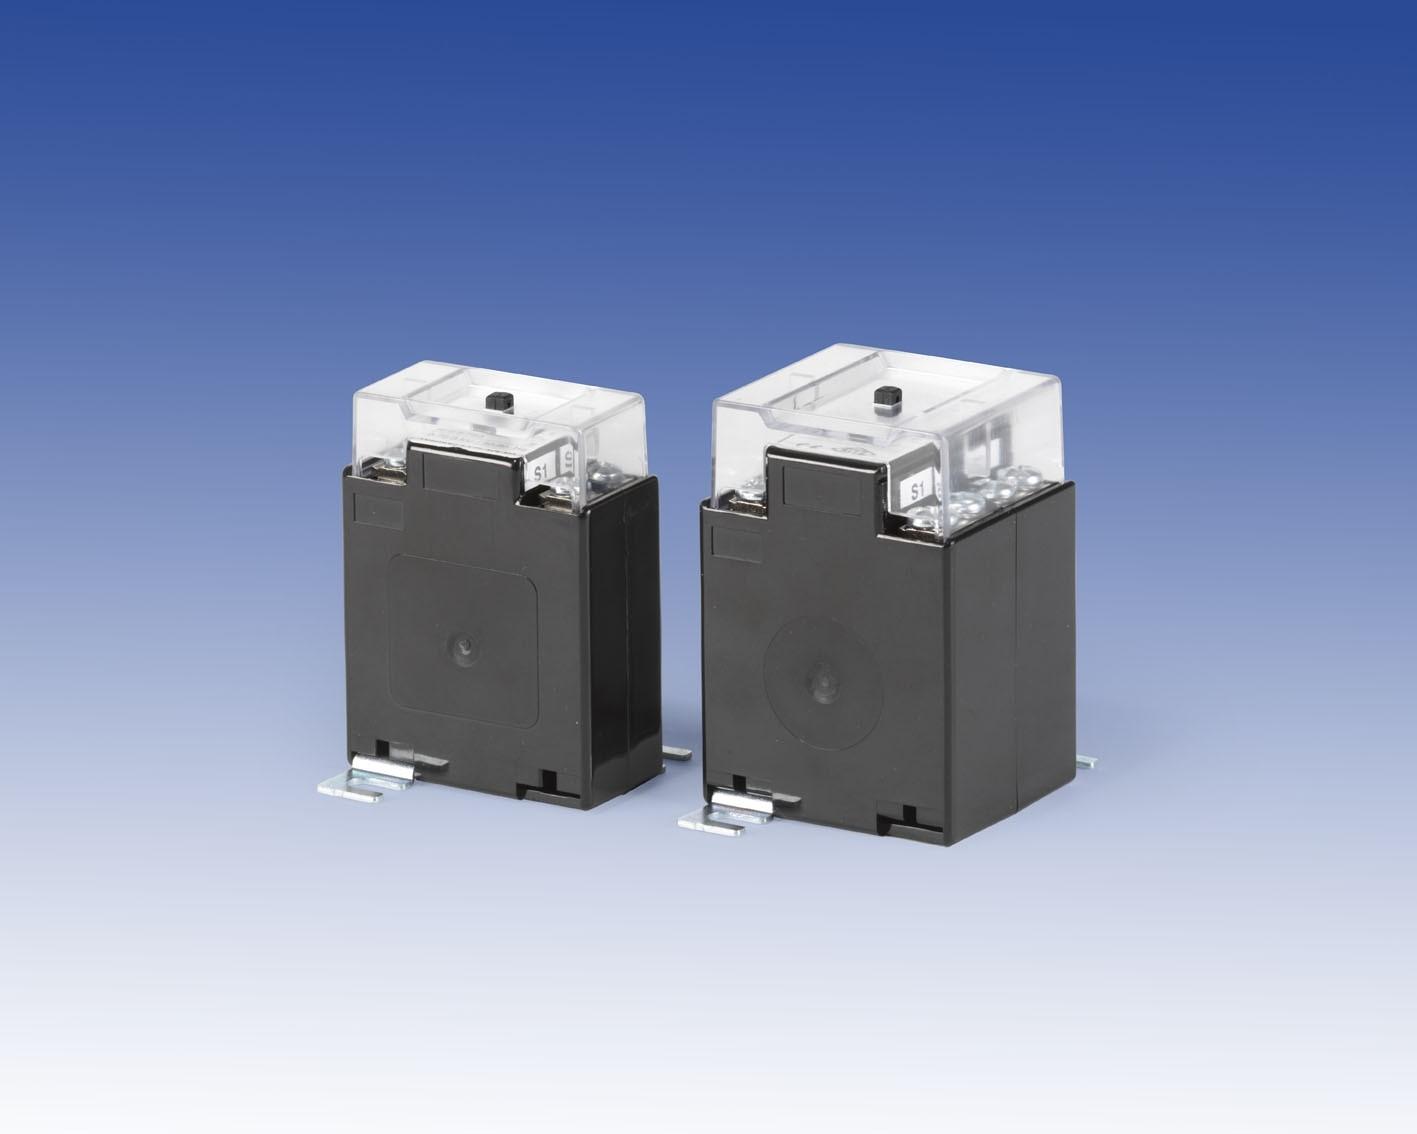 ZKSW 60...ZKSW 300, Indoor Interposing Current Transformer Series